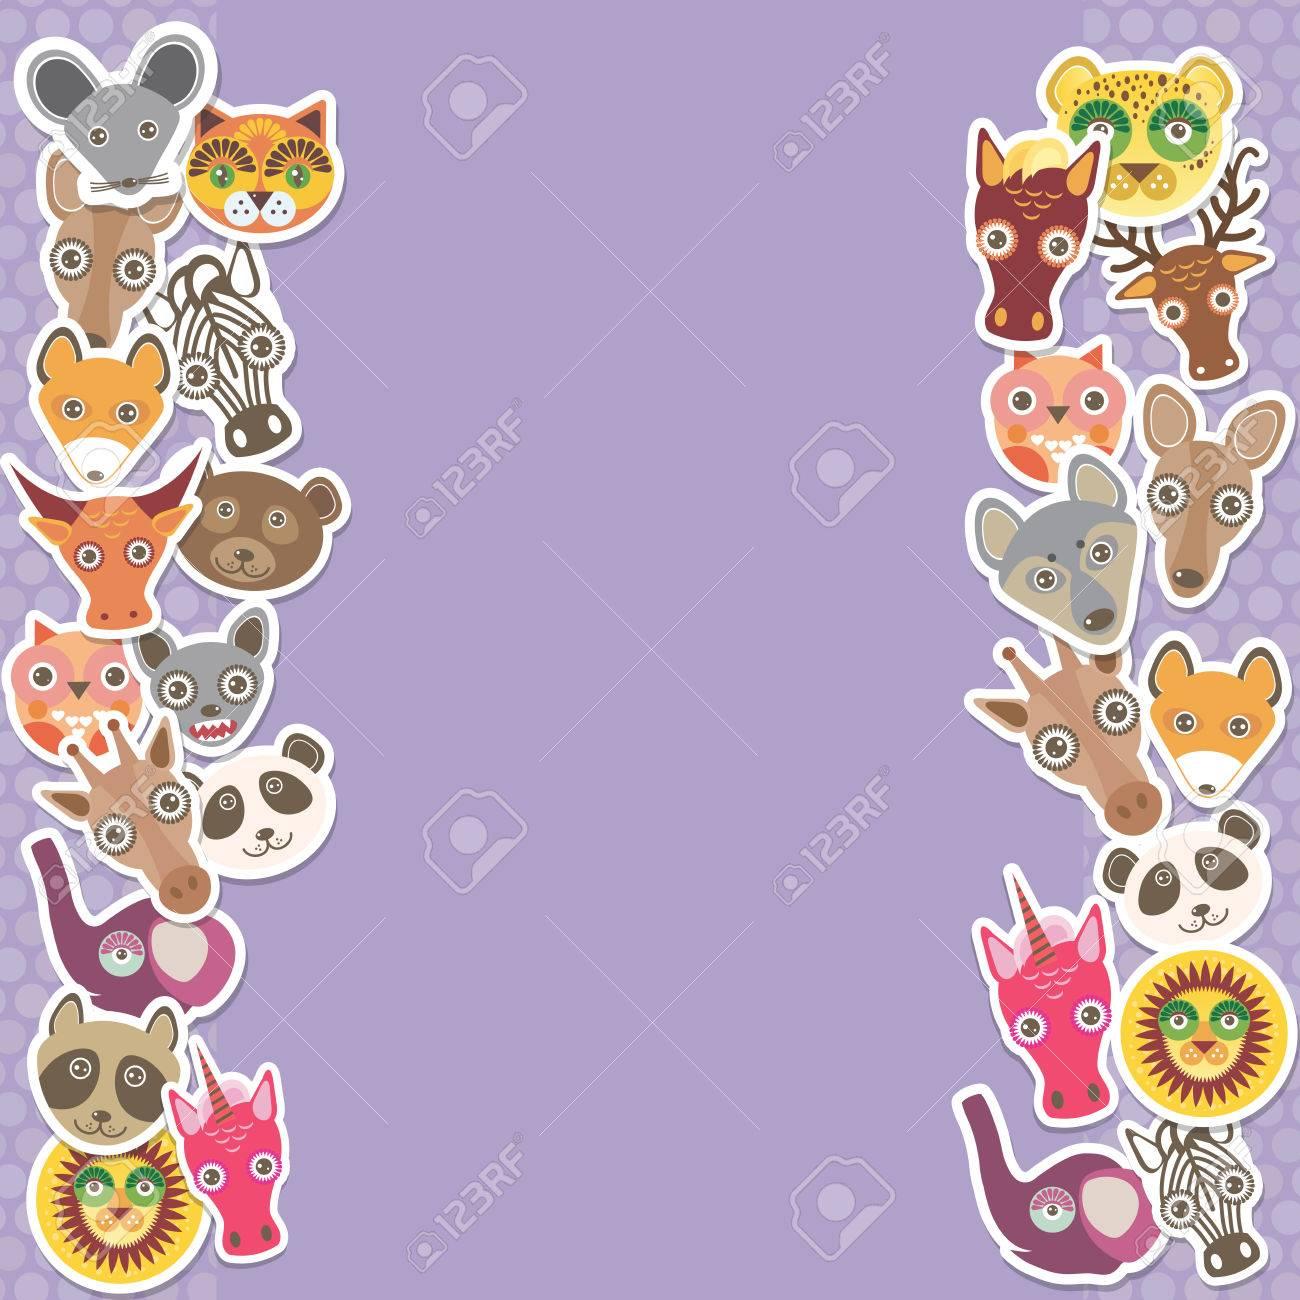 Funny Animals Kartenvorlage. Lila Hintergrund, Vorlage Für Ihr ...